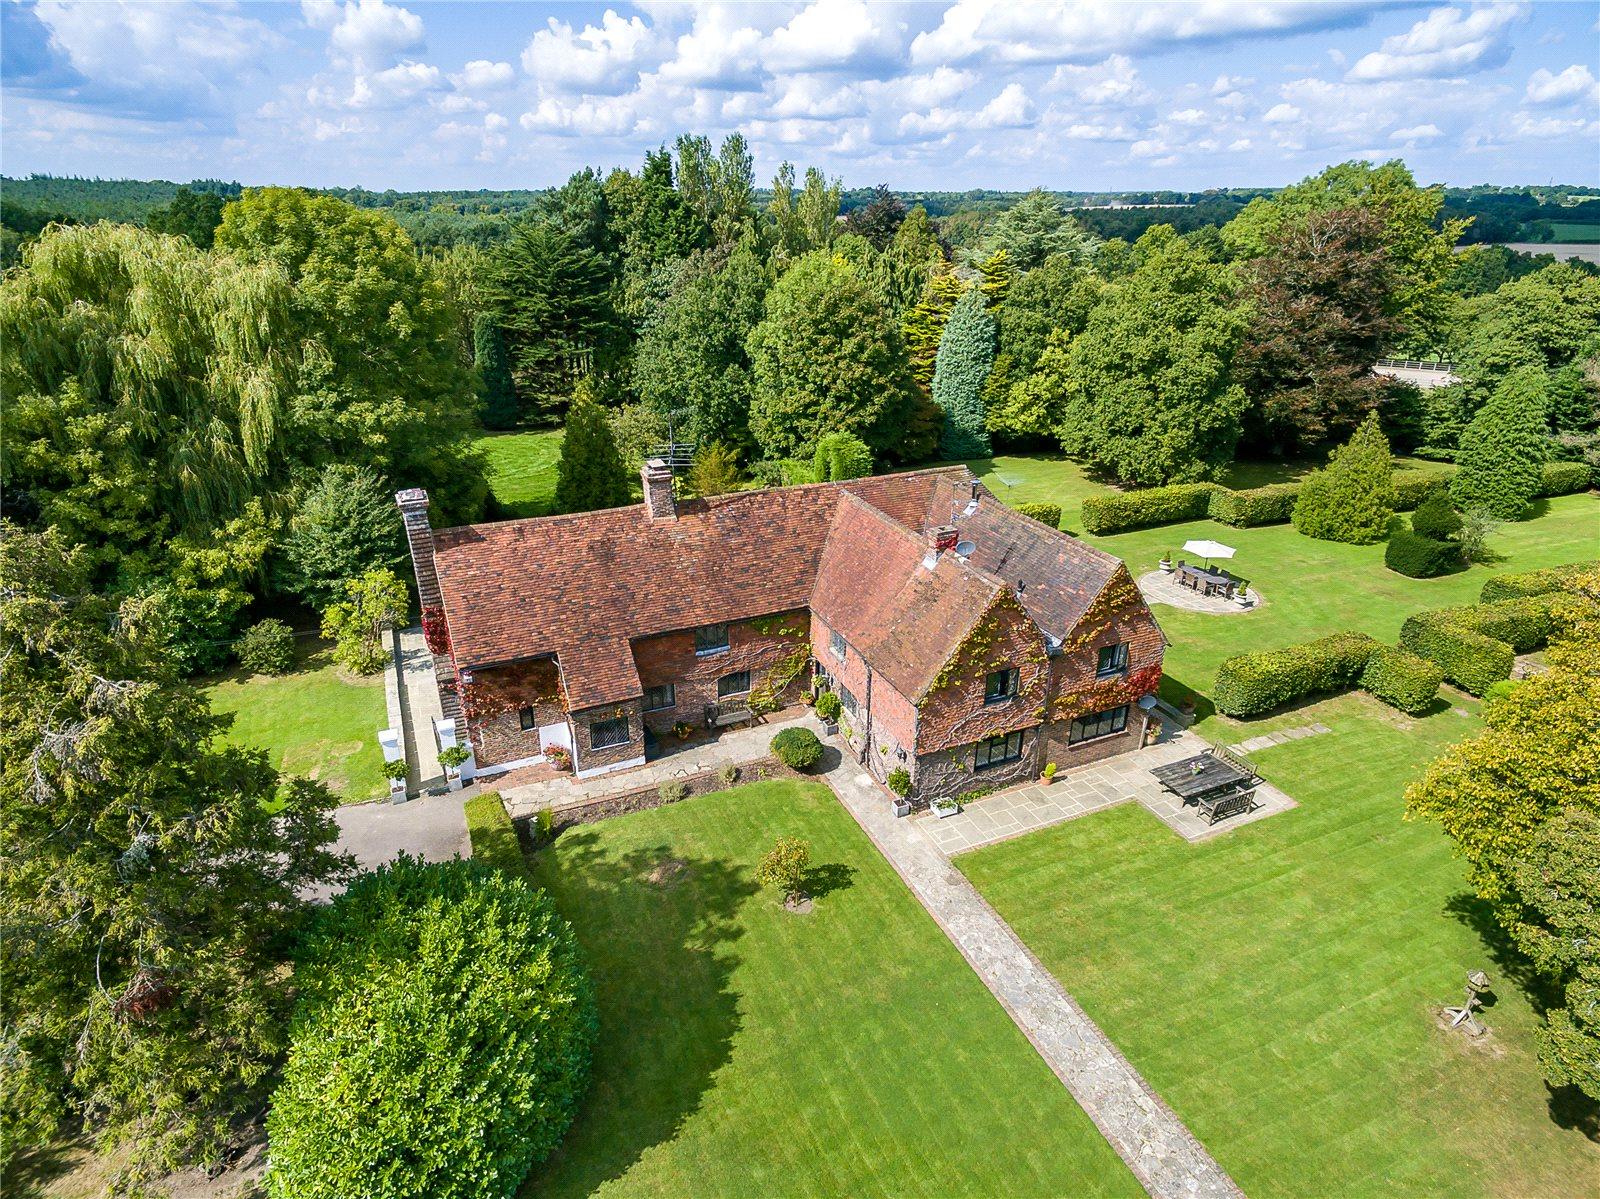 Апартаменты / Квартиры для того Продажа на Whitesmith, Nr Lewes, East Sussex, BN8 East Sussex, Англия